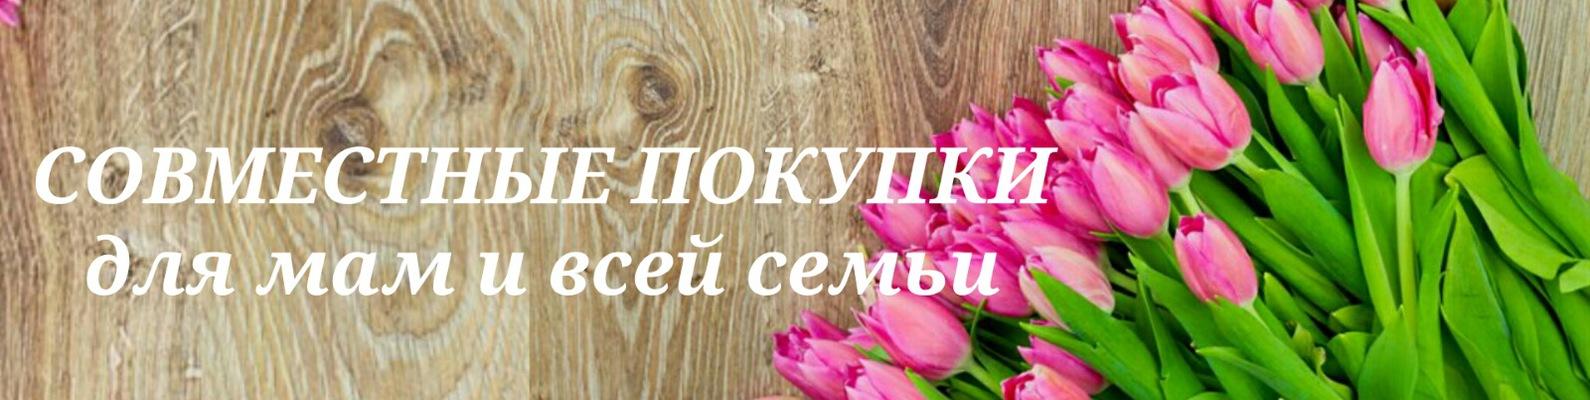 ШОППИНГ ДЛЯ МАМ. Совместные покупки. Украина   ВКонтакте 25b326ae240